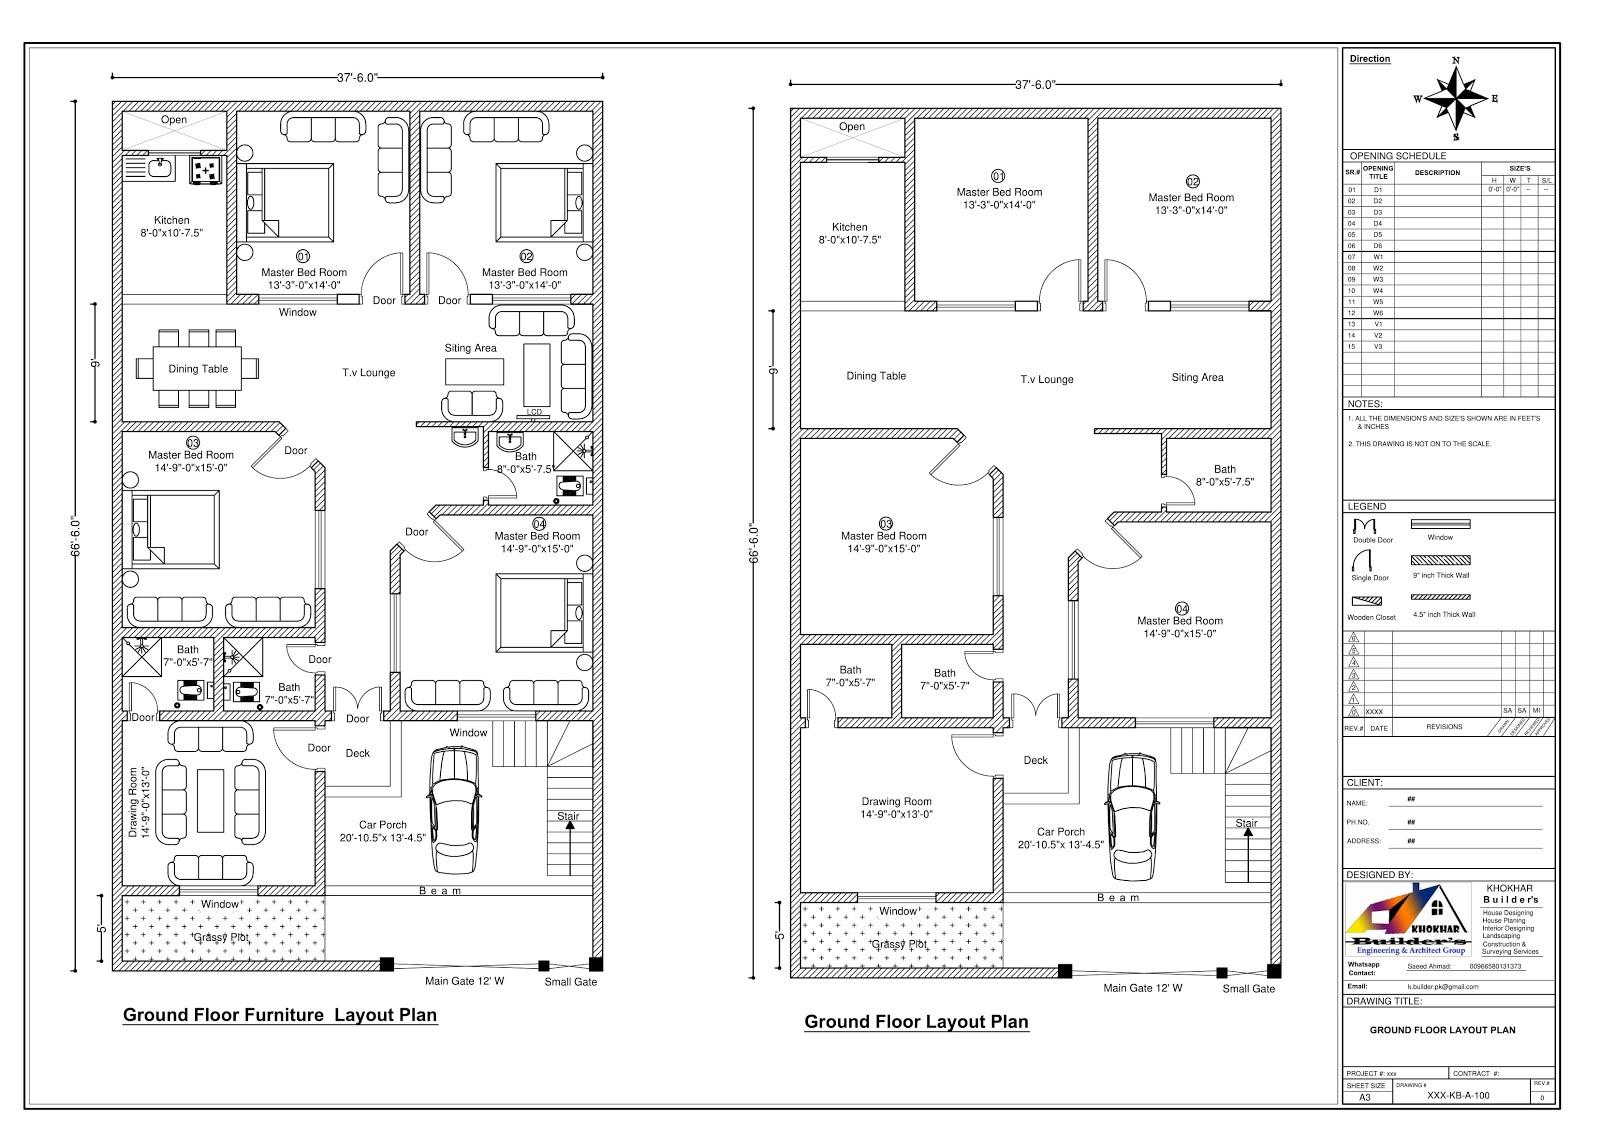 1002--A3-1 Stan Marla House Plan on bahria town villas floor plan, lahore house floor plan, 2 kanal lahore floor plan, 2 5 marla layout plan,